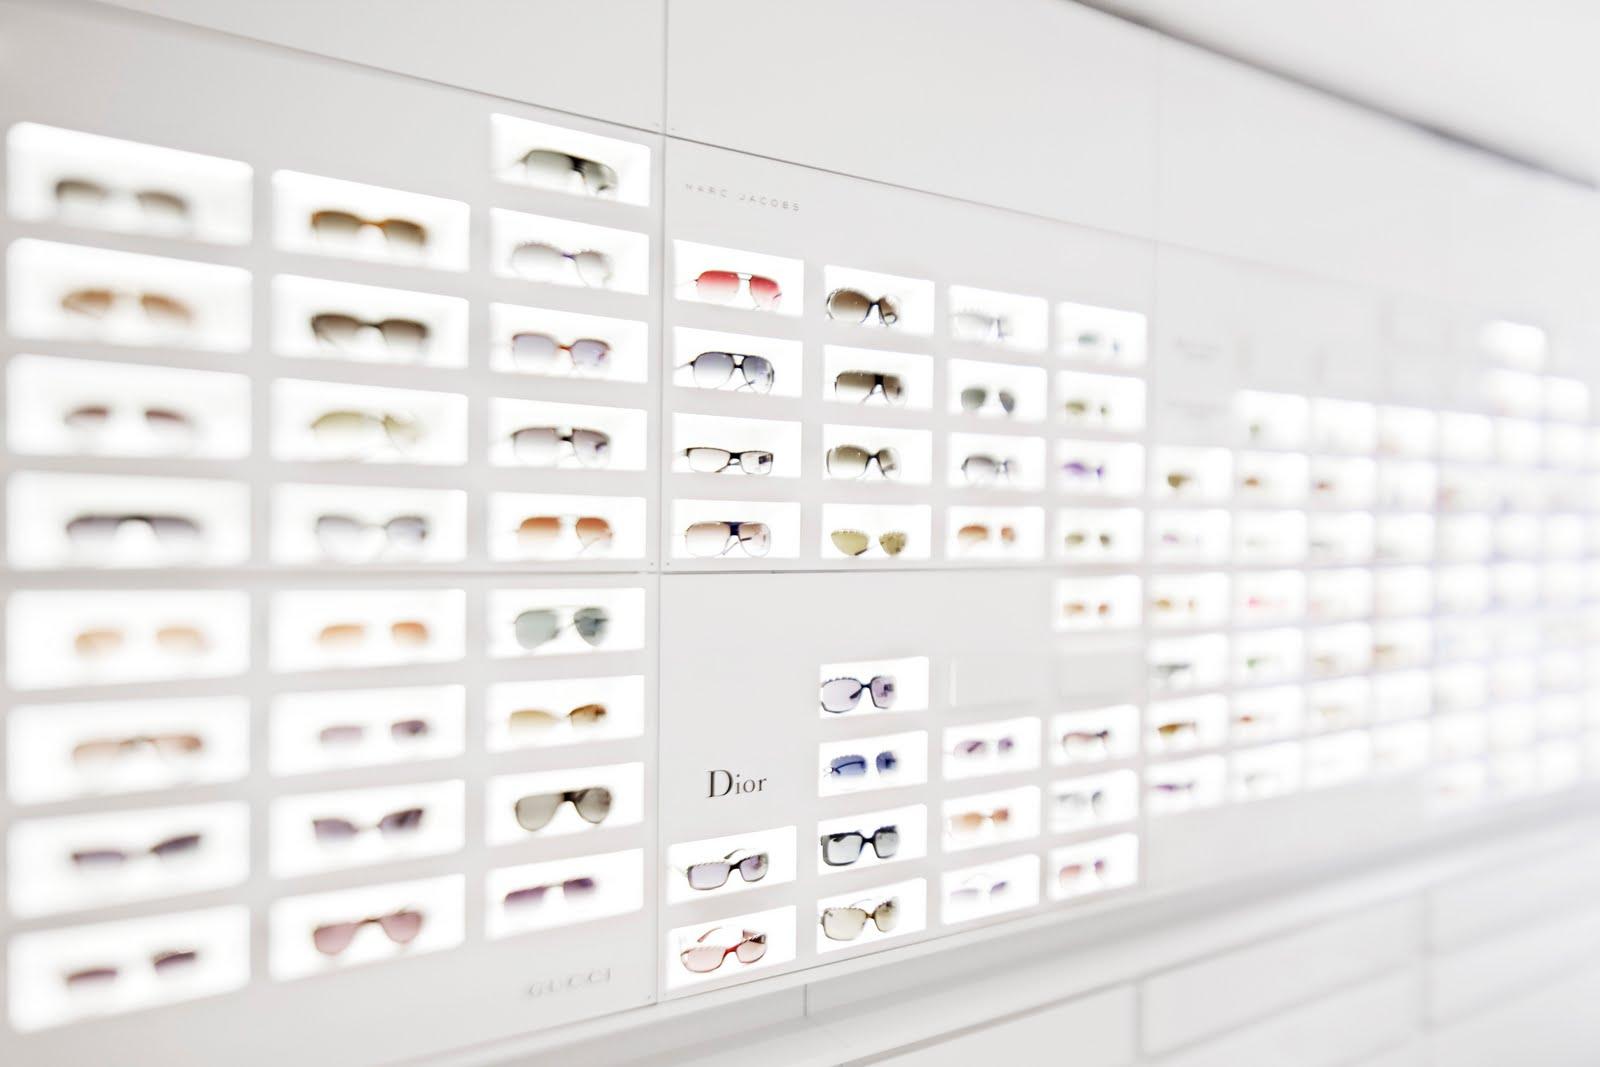 L'audit de 11 magasins d'optique démontre que l'optimisation des flux d'informations entre les opticiens et les complémentaires santé et les fournisseurs pourraient faire gagner jusqu'à 15 points de productivité dans […]